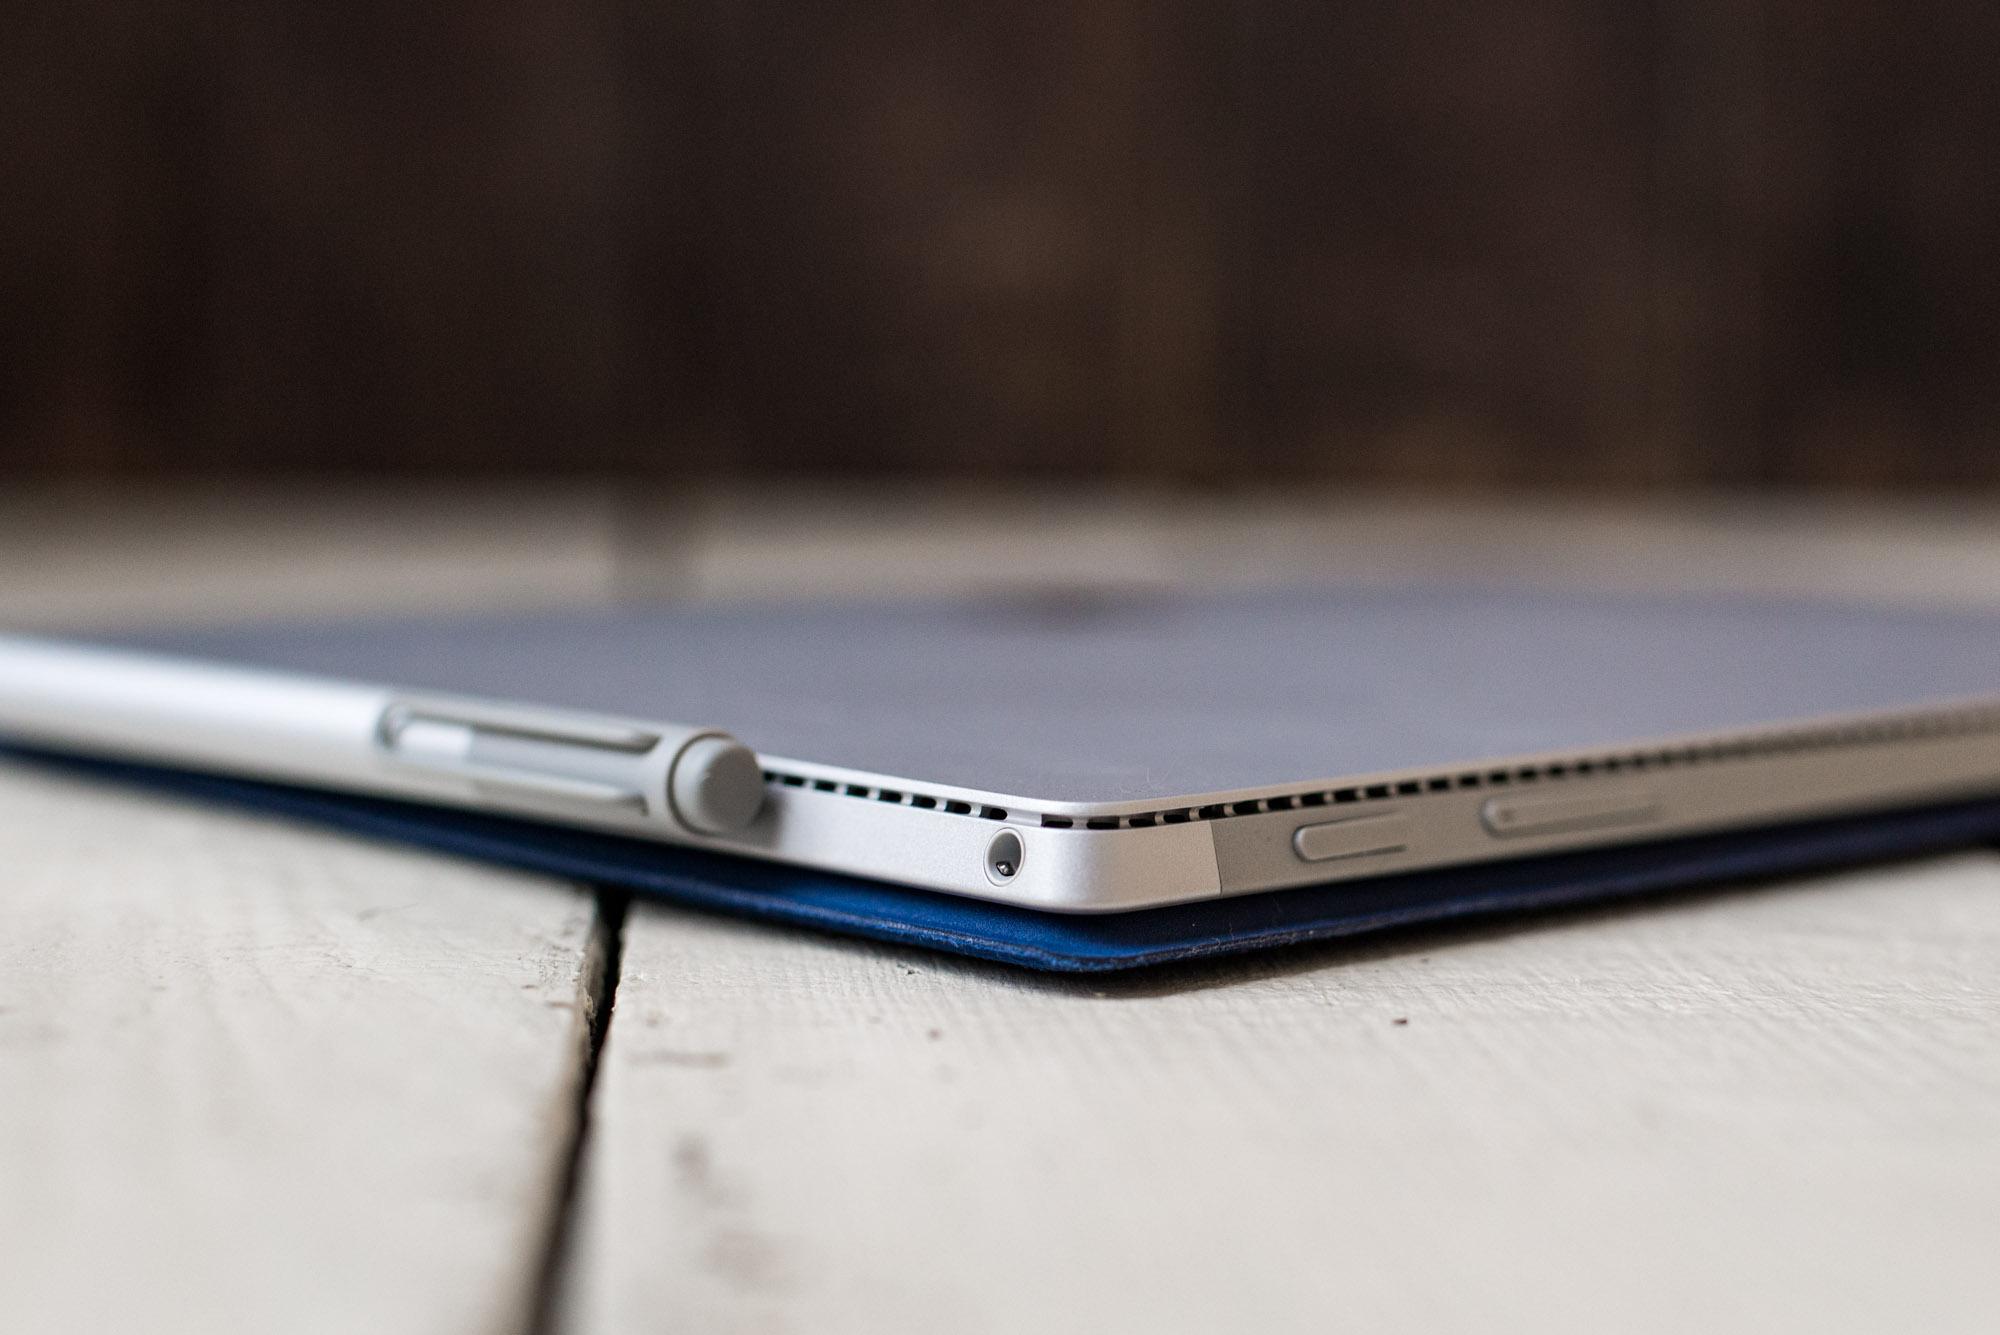 Nie spodziewajcie się rewolucji po Surface Pro 5